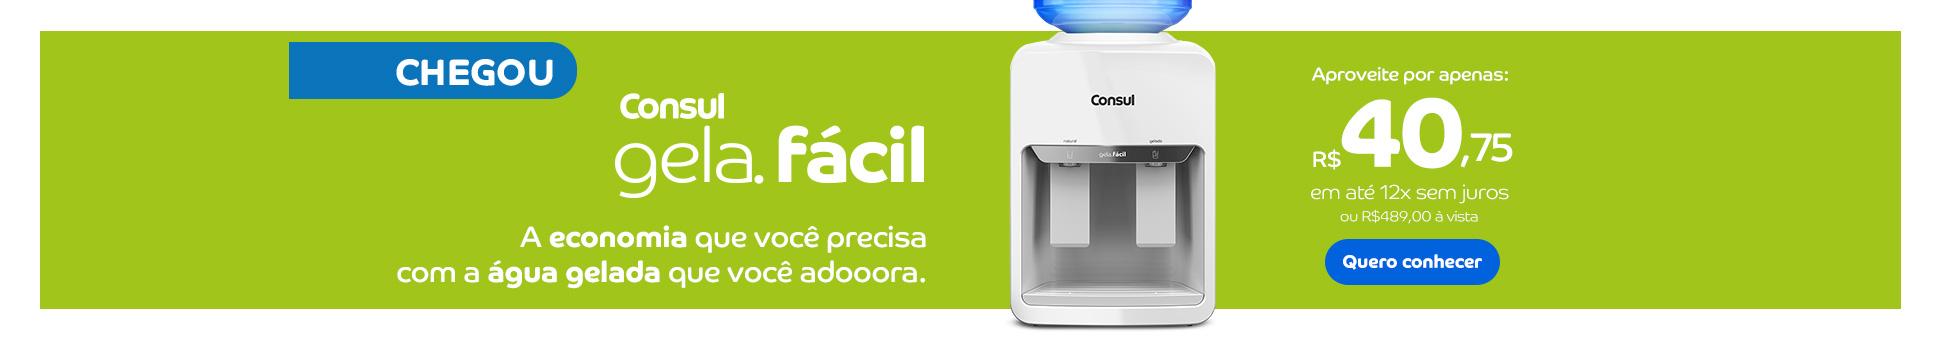 Promoção Interna - 3977 - generico_bebedouro-lancamento-preco_16062020_home3 - bebedouro-lancamento-preco - 3